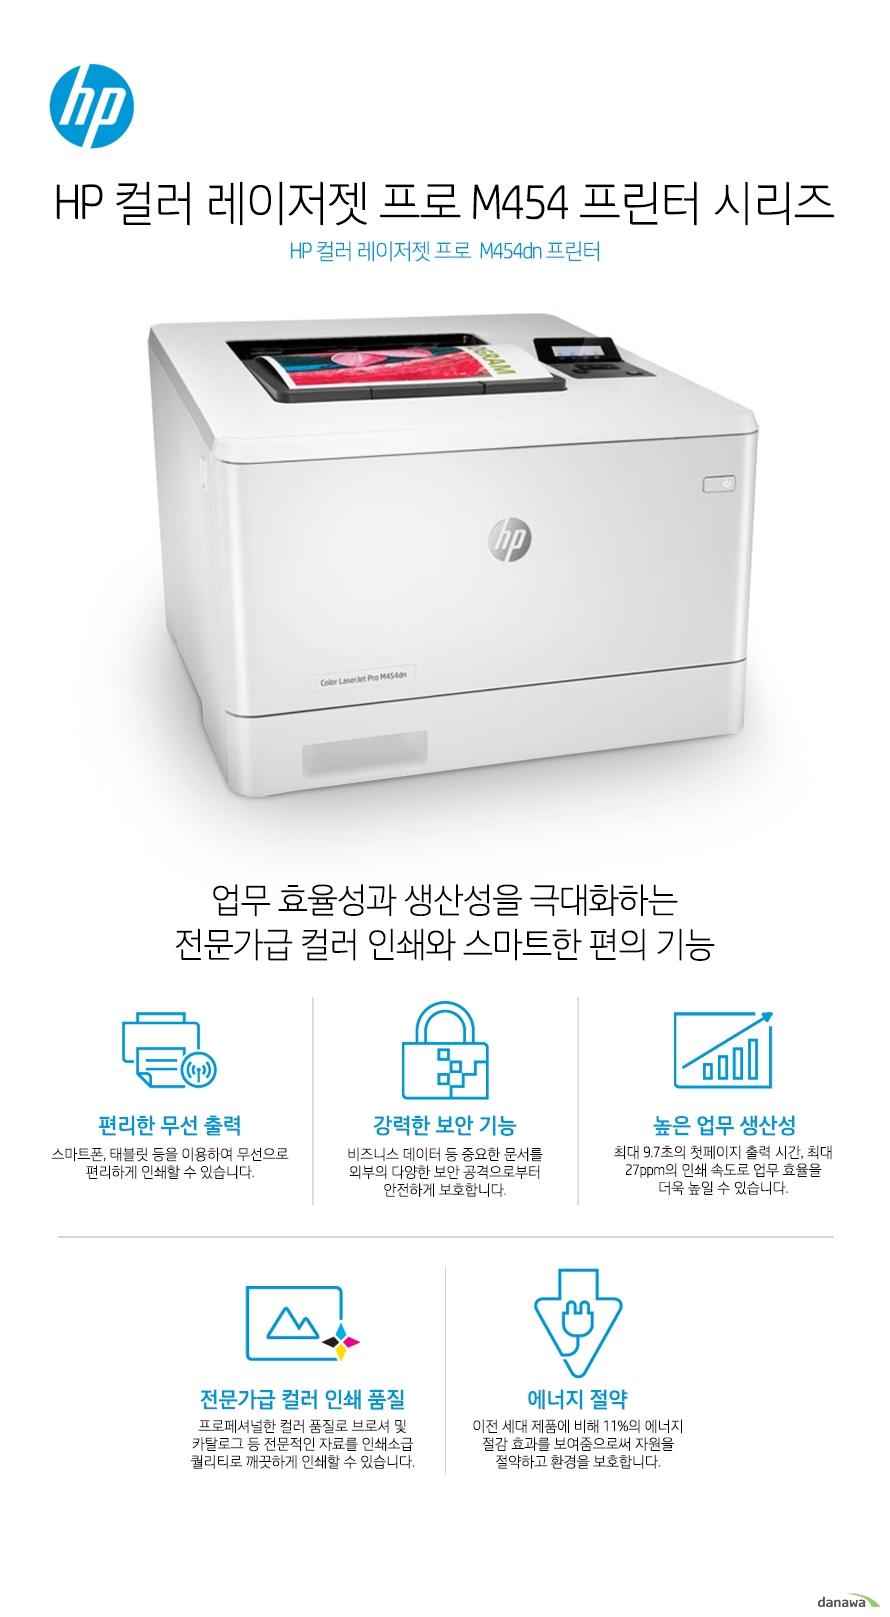 HP 컬러 레이저젯 프로  M454dn 프린터업무 효율성과 생산성을 극대화하는전문가급 컬러 인쇄와 스마트한 편의 기능편리한 무선 출력스마트폰, 태블릿 등을 이용하여 무선으로 편리하게 인쇄할 수 있습니다.  강력한 보안 기능비즈니스 데이터 등 중요한 문서를 외부의 다양한 보안 공격으로부터 안전하게 보호합니다.높은 업무 생산성최대 9.7초의 첫페이지 출력 시간, 최대 27ppm의 인쇄 속도로 업무 효율을 더욱 높일 수 있습니다.전문가급 컬러 인쇄 품질프로페셔널한 컬러 품질로 브로셔 및 카탈로그 등 전문적인 자료를 인쇄소급 퀄리티로 깨끗하게 인쇄할 수 있습니다.에너지 절약이전 세대 제품에 비해 11%의 에너지 절감 효과를 보여줌으로써 자원을 절약하고 환경을 보호합니다.무선으로 인쇄하는 스마트한 방법무선 연결로 인해 사용자의 인쇄 업무는 놀라울 정도로 편리해집니다.스마트폰, 태블릿 등으로 선 연결 없이 프린터를 사용할 수 있으며, 복잡하고 번거로웠던 인쇄 업무가 간편하게 완료 됩니다.모바일 프린팅스마트폰, 태블릿으로 간편한 인쇄하세요.시간과 장소의 제약 없이 언제 어디서나 편리하게 원하는 문서를 인쇄할 수 있습니다. HP e프린트HP e프린트 전용 계정을 생성하고 편리한 인쇄를 시작하세요. 프린터에 지정된 고유의  이메일 주소로 이메일을 보내면 언제 어디서나 출력할 수 있습니다. 별도의 소프트웨어 설치가 필요 없어 사용이 매우 간편합니다.HP Smart 앱HP 프린터로 언제 어디서나 인쇄하고, 스캔하고, 공유하십시오! HP Smart로 그 어느 때보다 쉽게 인쇄하고 필요한 도구를 손 안에서 사용할 수 있습니다.Apple Air Print애플의 Air Print 기능으로 IOS 기기에서 편리하게 모바일 인쇄를 할 수 있습니다. PC를 가지고 있지 않을 때도 인터넷에 연결할 수 있다면 아이폰 등 IOS 모바일 기기를 이용하여 어디서나, 편리하게 인쇄 할 수 있습니다.구글 클라우드 프린트구글 클라우드 프린트는 별도의 드라이버 없이도 모바일 기기에서 워드 문서 및 웹 사이트 내용을 실시간으로 인쇄할 수 있는 모바일 프린팅 솔루션입니다. 스마트폰, 태블릿 뿐만 아니라 네트워크에 연결되어 있는 PC, 노트북 등을 통해 지메일이나 구글 문서도구와 같은 애플리케이션의 문서를 간편하게 인쇄할 수 있습니다. 최고 수준의 보안 기능HP 프린팅 보안 시스템은 실시간 위협 탐지는 물론 자동 모니터링 및 소프트웨어 검증을 통해 프린터를 넘어 당신의 네트워크까지 보호합니다.강력한 보안 기능과 실시간 위협 탐지기본으로 내장된 강력한 보안 기능이 부트 영역에서부터 펌웨어까지, 외부의 공격으로부터 안전하게 보호 합니다. 또한, 실시간으로 사이버 공격과 위협을 탐지하여 보안 문제가 발생할 경우 즉각적으로 알려주어 빠른 대처가 가능합니다. 통합 관리를 통해 더욱 효율적인 기기 운영하나의 드라이버로 모든 HP 디바이스를 관리하여 더욱 효율적인 업무가 가능해집니다. HP 젯어드밴테이지 시큐리티 매니저(옵션)를 이용하면, 여러대의 장비에 대한 보안 설정을 간편하게 일괄 설정, 변경하거나 자동으로 적용시킬 수 있습니다. PIN 인증중요 문서 및 기밀 문서를 인쇄할 때 보안이 걱정되셨다면,  보안(PIN) 프린팅 기능을 통해 기밀 문서를 보호하세요. 별도로 지정이 가능한 PIN 번호 인증으로 더욱 안전합니다.USB 메모리 하나로장비를 한단계 업그레이드 할 수 있습니다. '작업 저장' 기능이나 '보안(PIN) 프린팅'과 같은 유용한 기능은 하드디스크가 장착된 고가의 프린터에서만 사용이 가능하였습니다. HP 레이저젯 프로 제품은, 주변에서 흔히 볼 수 있는 16GB 이상의 USB 메모리를 프린터 뒷면 포트에 꽂으면 USB 메모리를 하드디스크처럼 인식하여 '보안(PIN) 프린팅' 기능을 사용할 수 있습니다. 보안(PIN) 프린팅으로 더욱 안전하게중요한 문서를 출력할 때는 암호(PIN)를 설정하여 인쇄할 수 있습니다. 암호(PIN)가 설정된 문서는 곧바로 인쇄되지 않고, 사용자가 프린터 앞에서 암호(PIN)를 입력해야 인쇄가 됩니다.작업 저장 기능으로자주 인쇄하는 문서는 